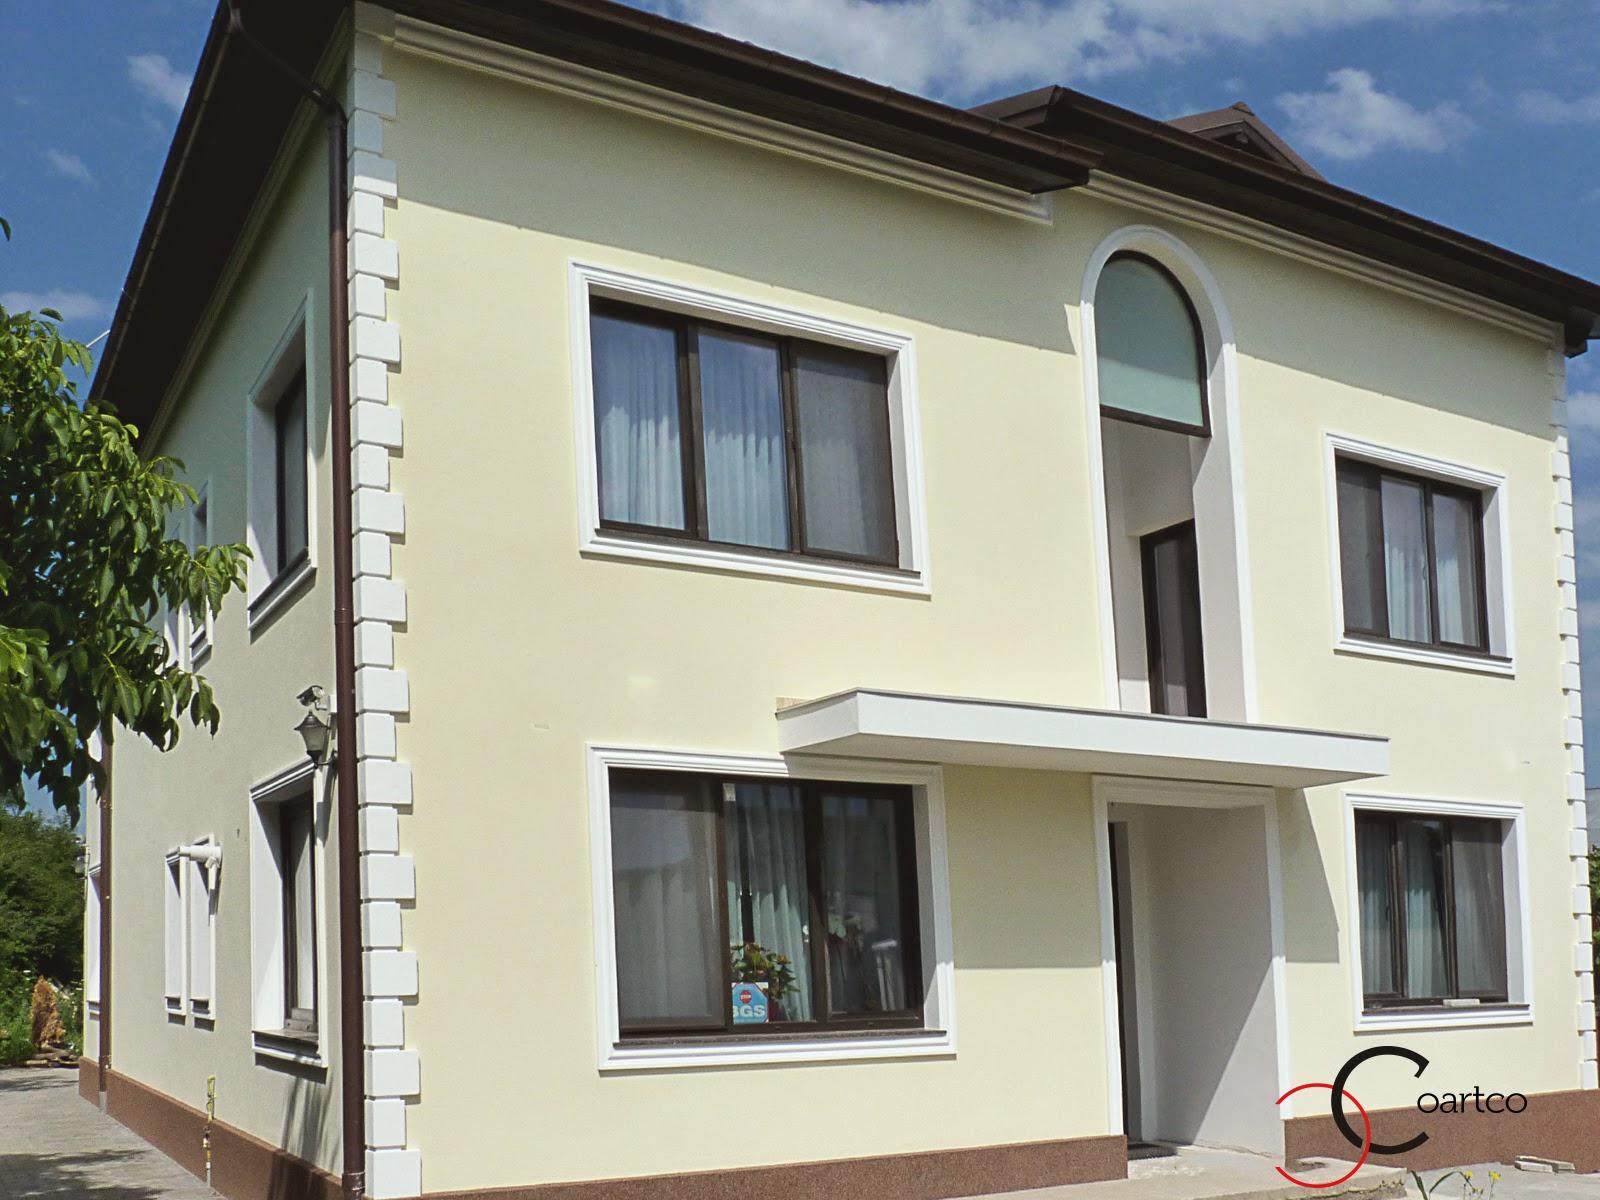 fatade de case cu profile decorative precum ancadramente geamuri, cornisa sub sagheac, colturi case - imitatie piatra de bosaj, si arcada